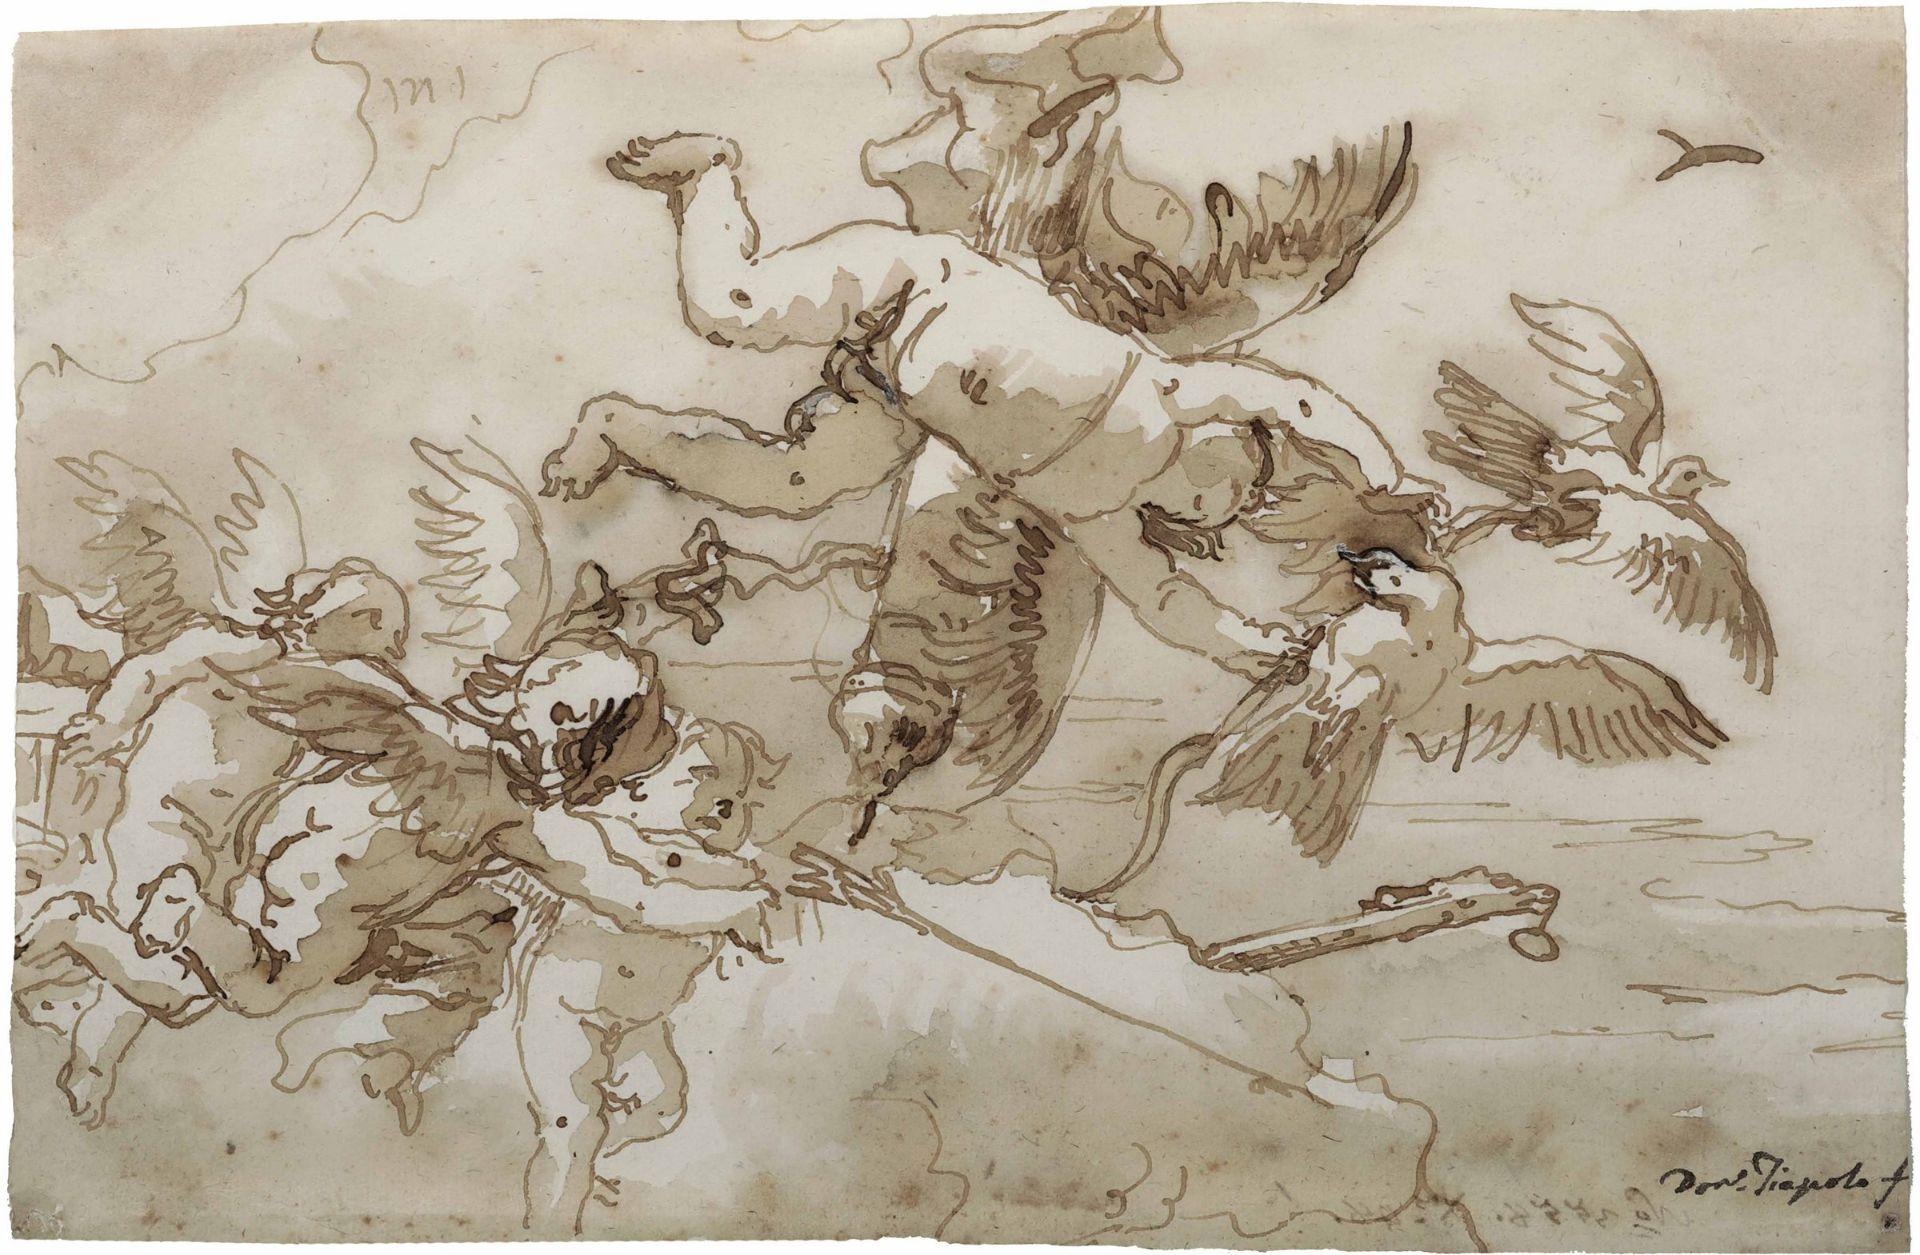 Los 7 - Giandomenico Tiepolo (Venezia 1727-1804), Cupido e amorini - penna e inchiostro bruno [...]